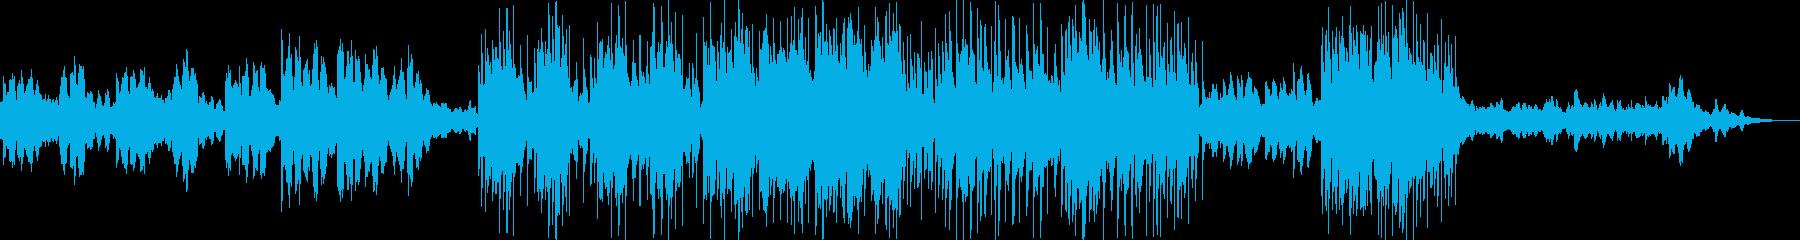 幻想的な雰囲気のノスタルジックな曲の再生済みの波形